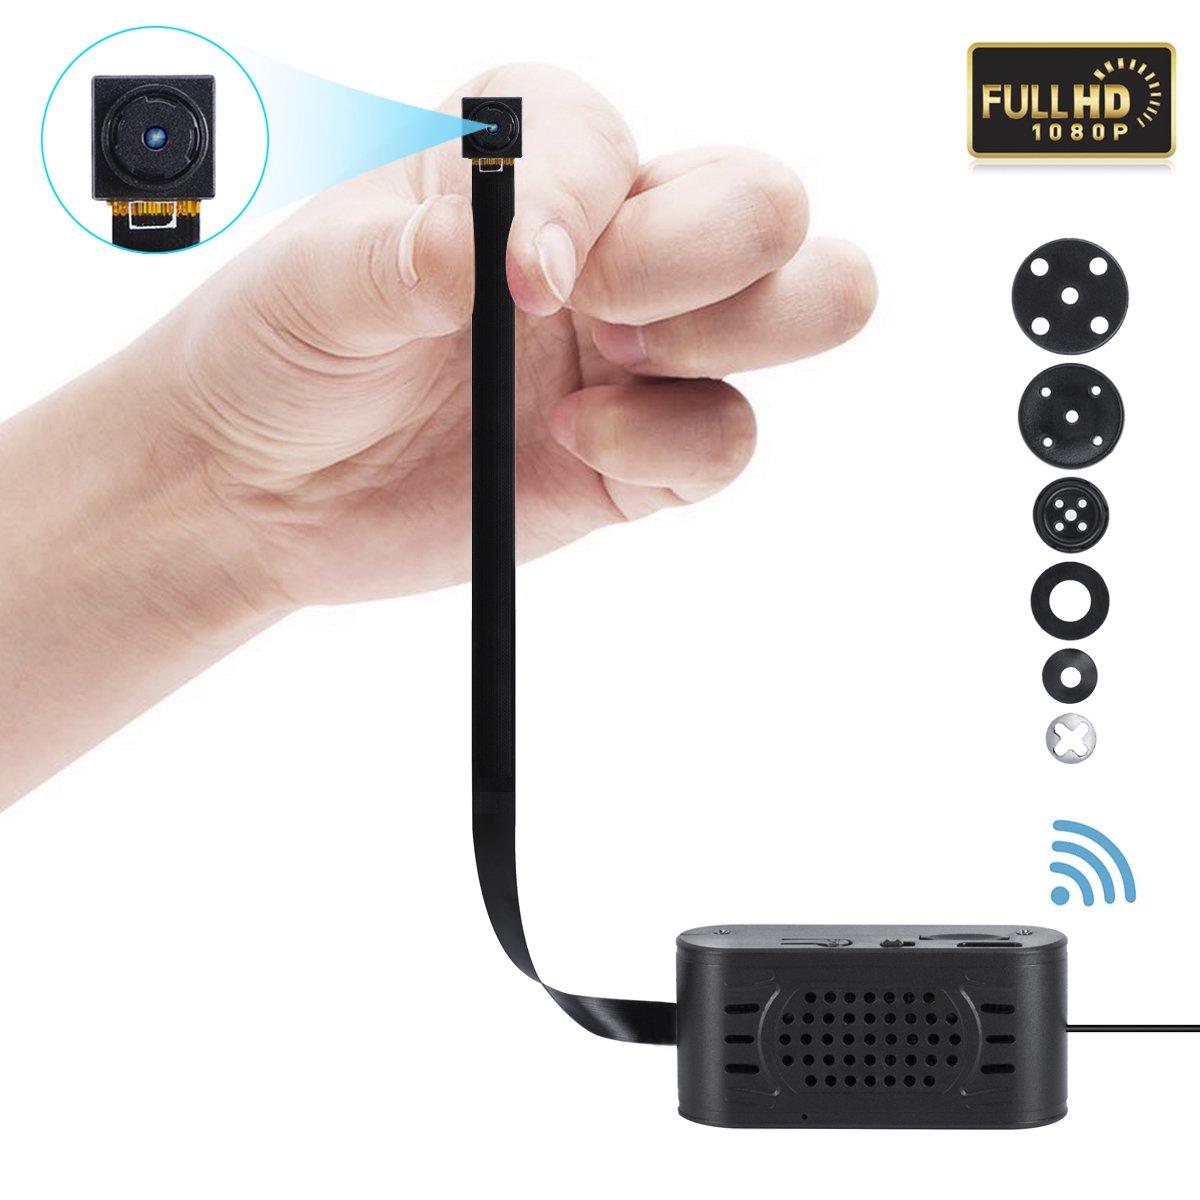 Remote DVR Pinhole Spy Cam with Motion Detection